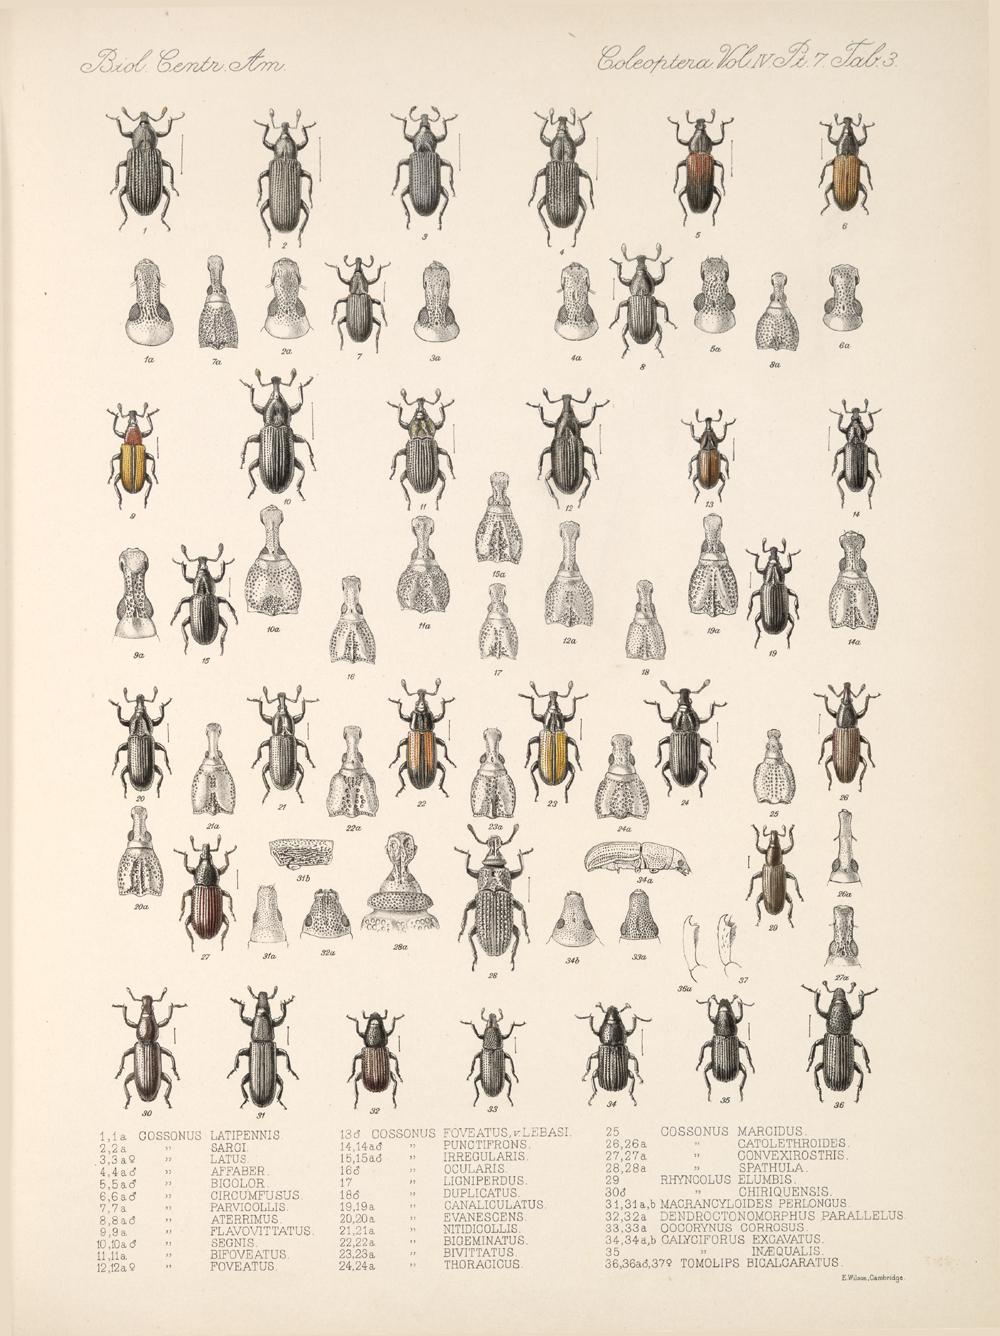 Beetles,  Image number:bca_12_04_07_239